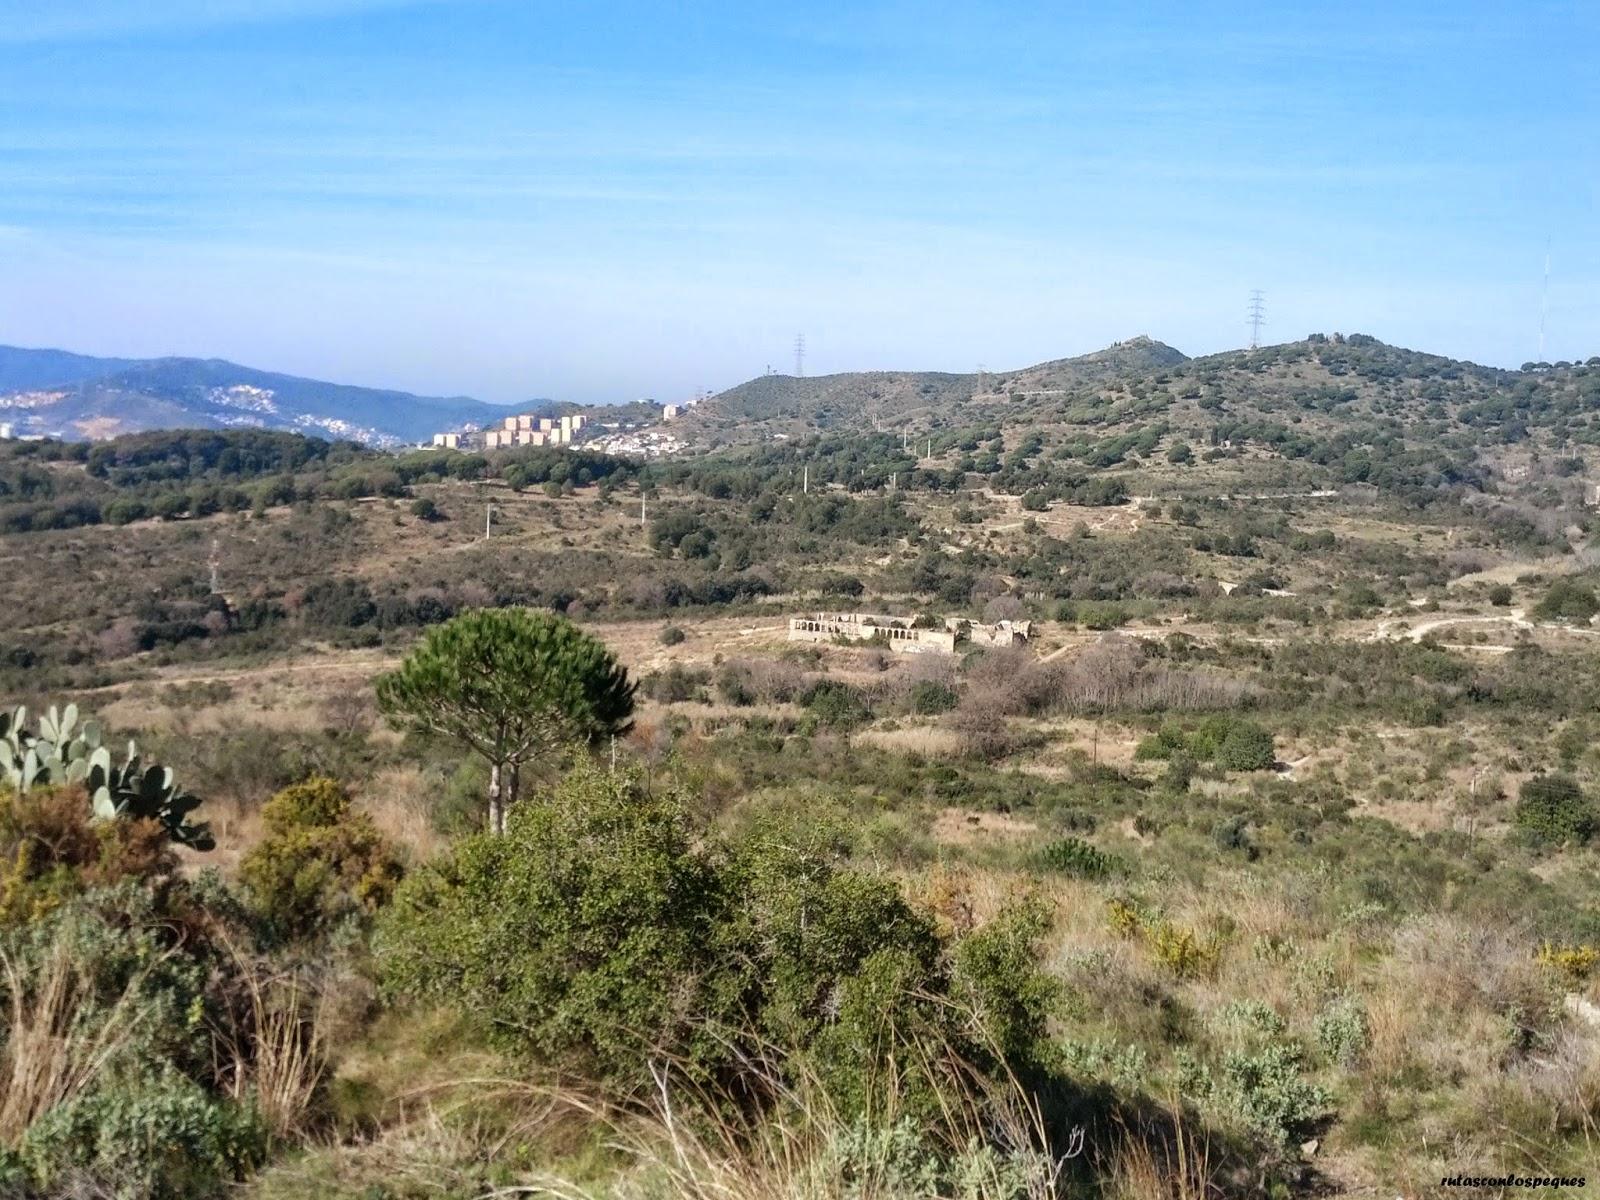 revisión alemán paseo en Santa Coloma de Gramanet